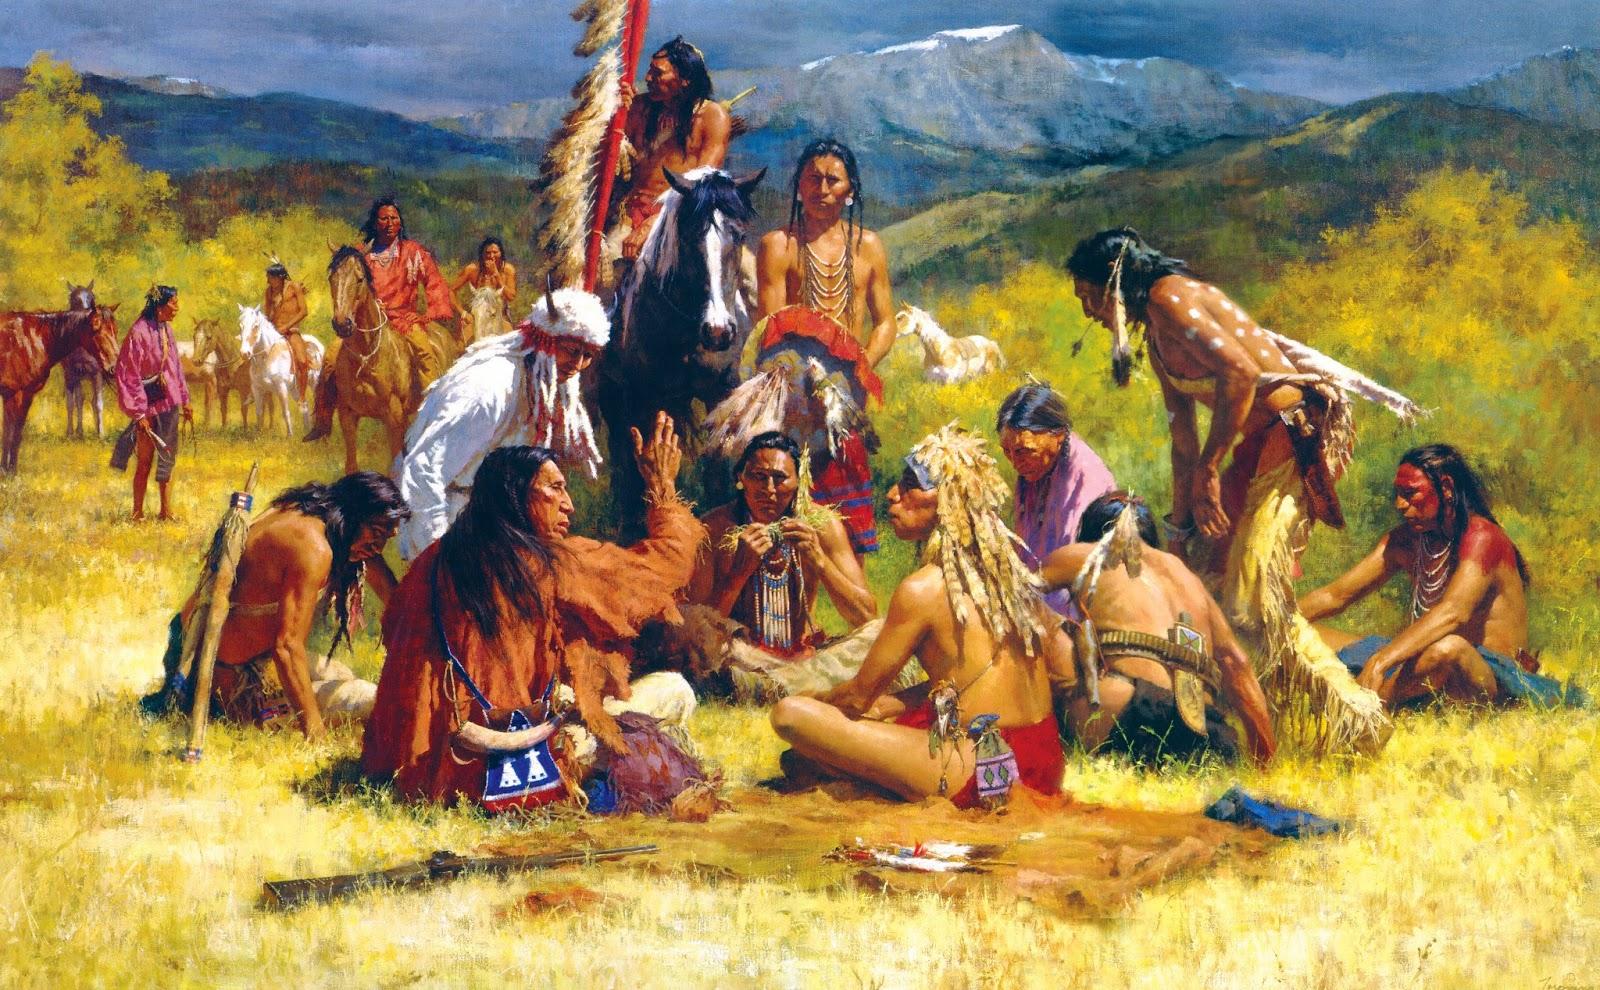 comparing the south american yanomamo culture and north american culture